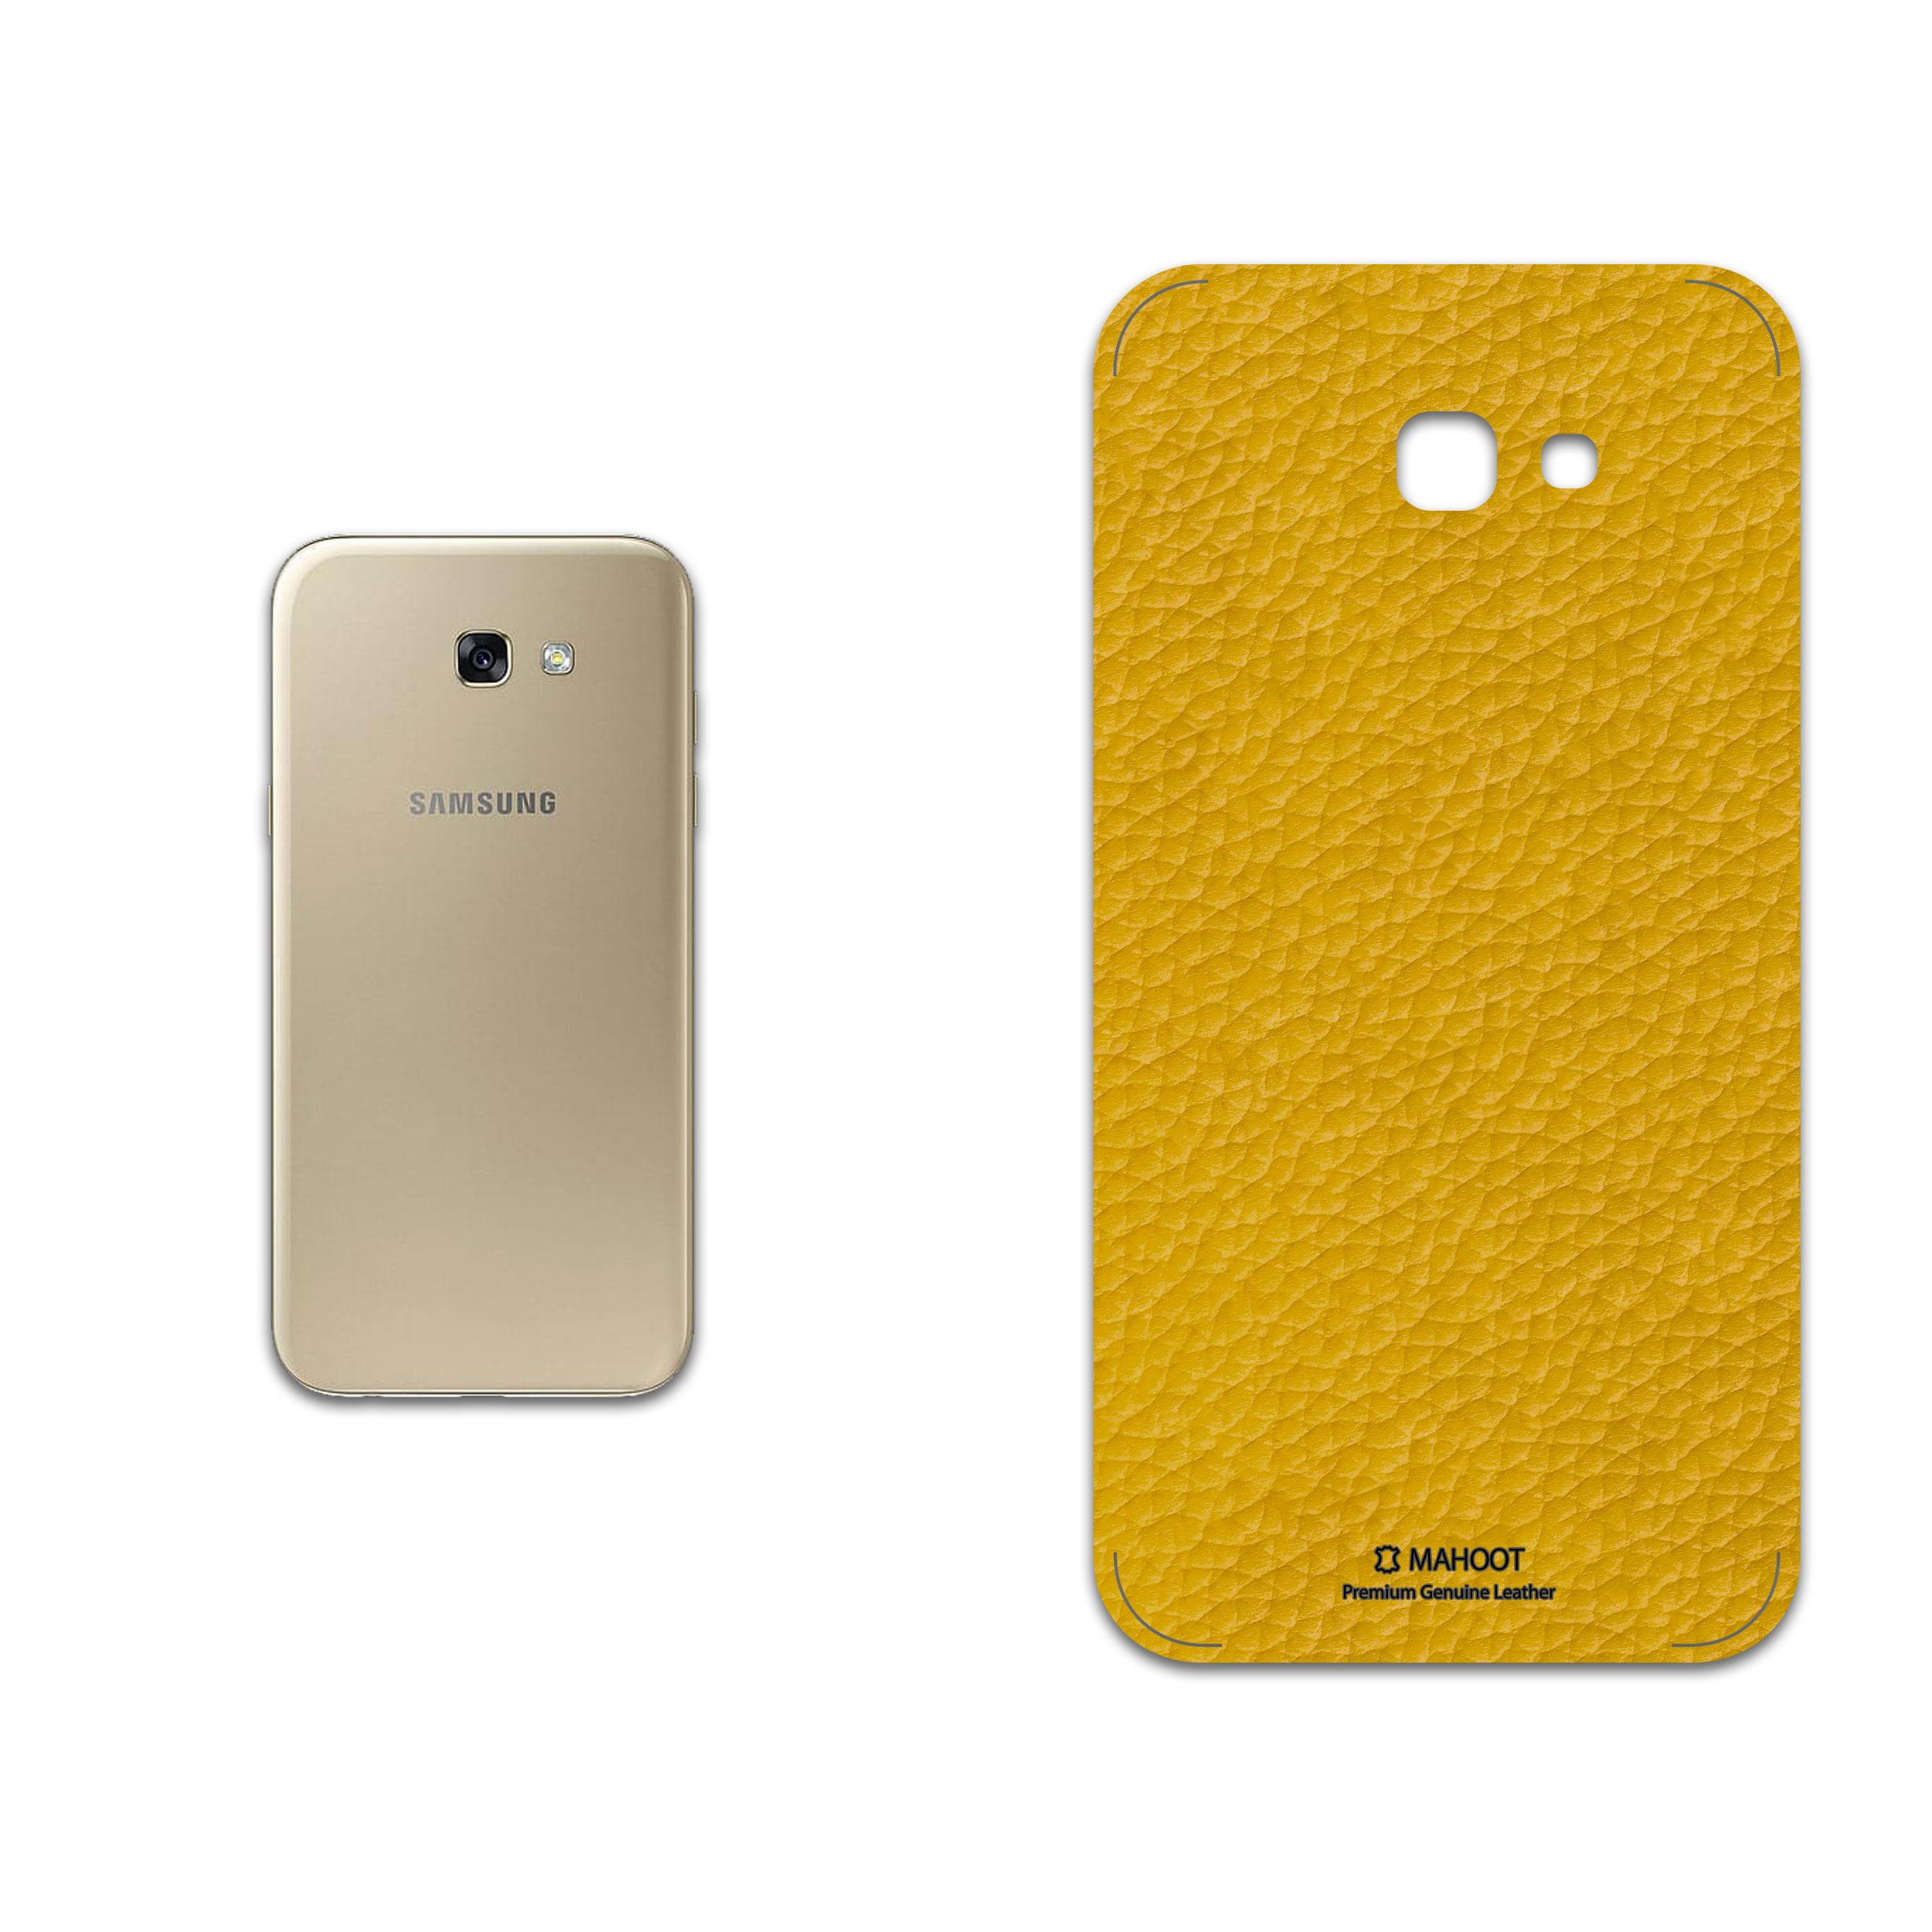 برچسب پوششی ماهوت مدل Mustard-Leather مناسب برای گوشی موبایل سامسونگ Galaxy A7 2017